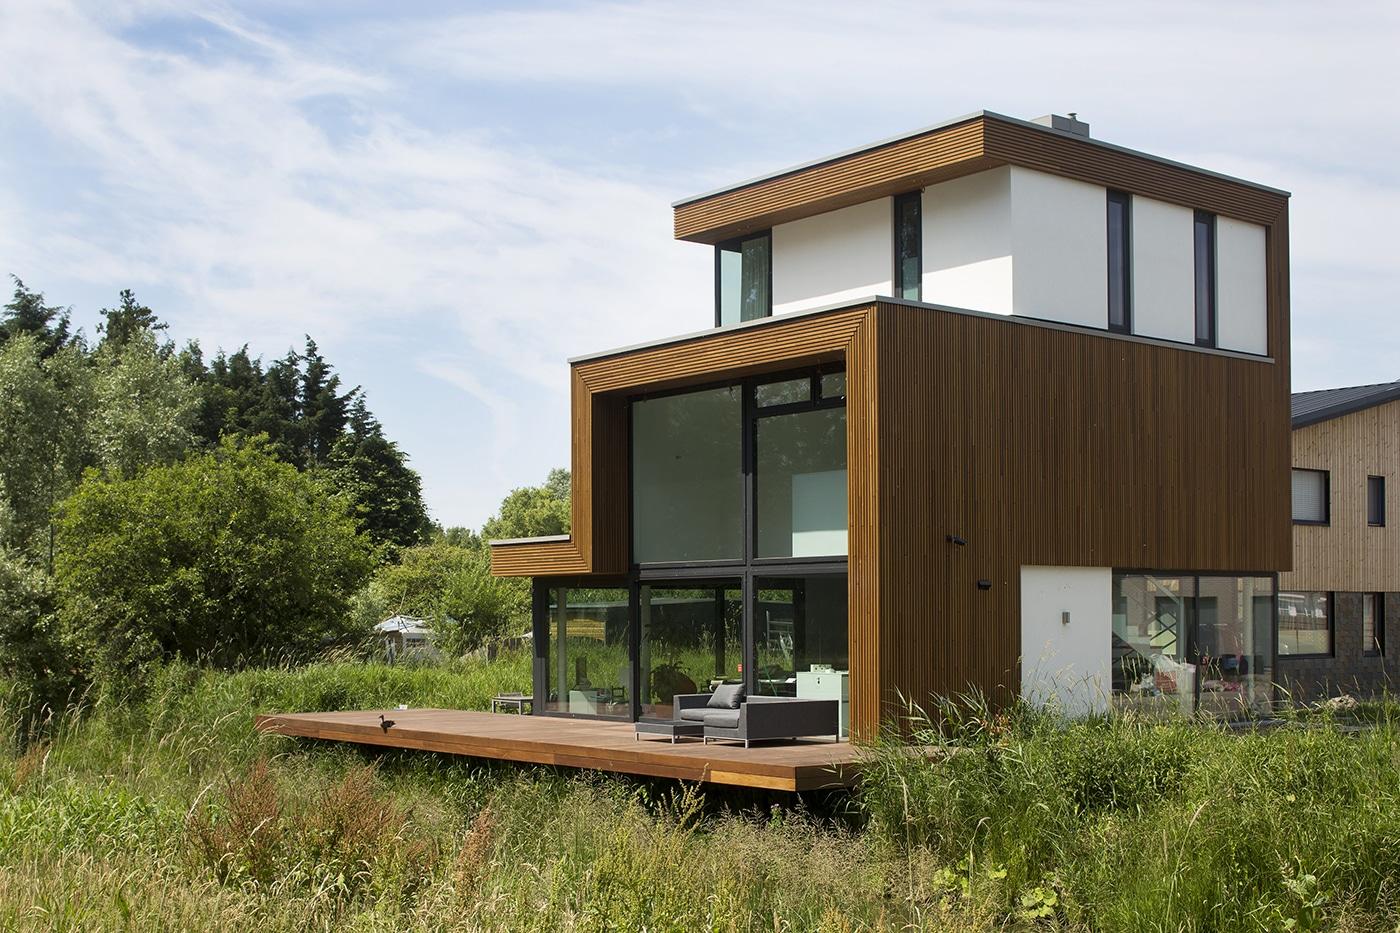 Villa D+H exterieur 2 ligging aan het water en bos